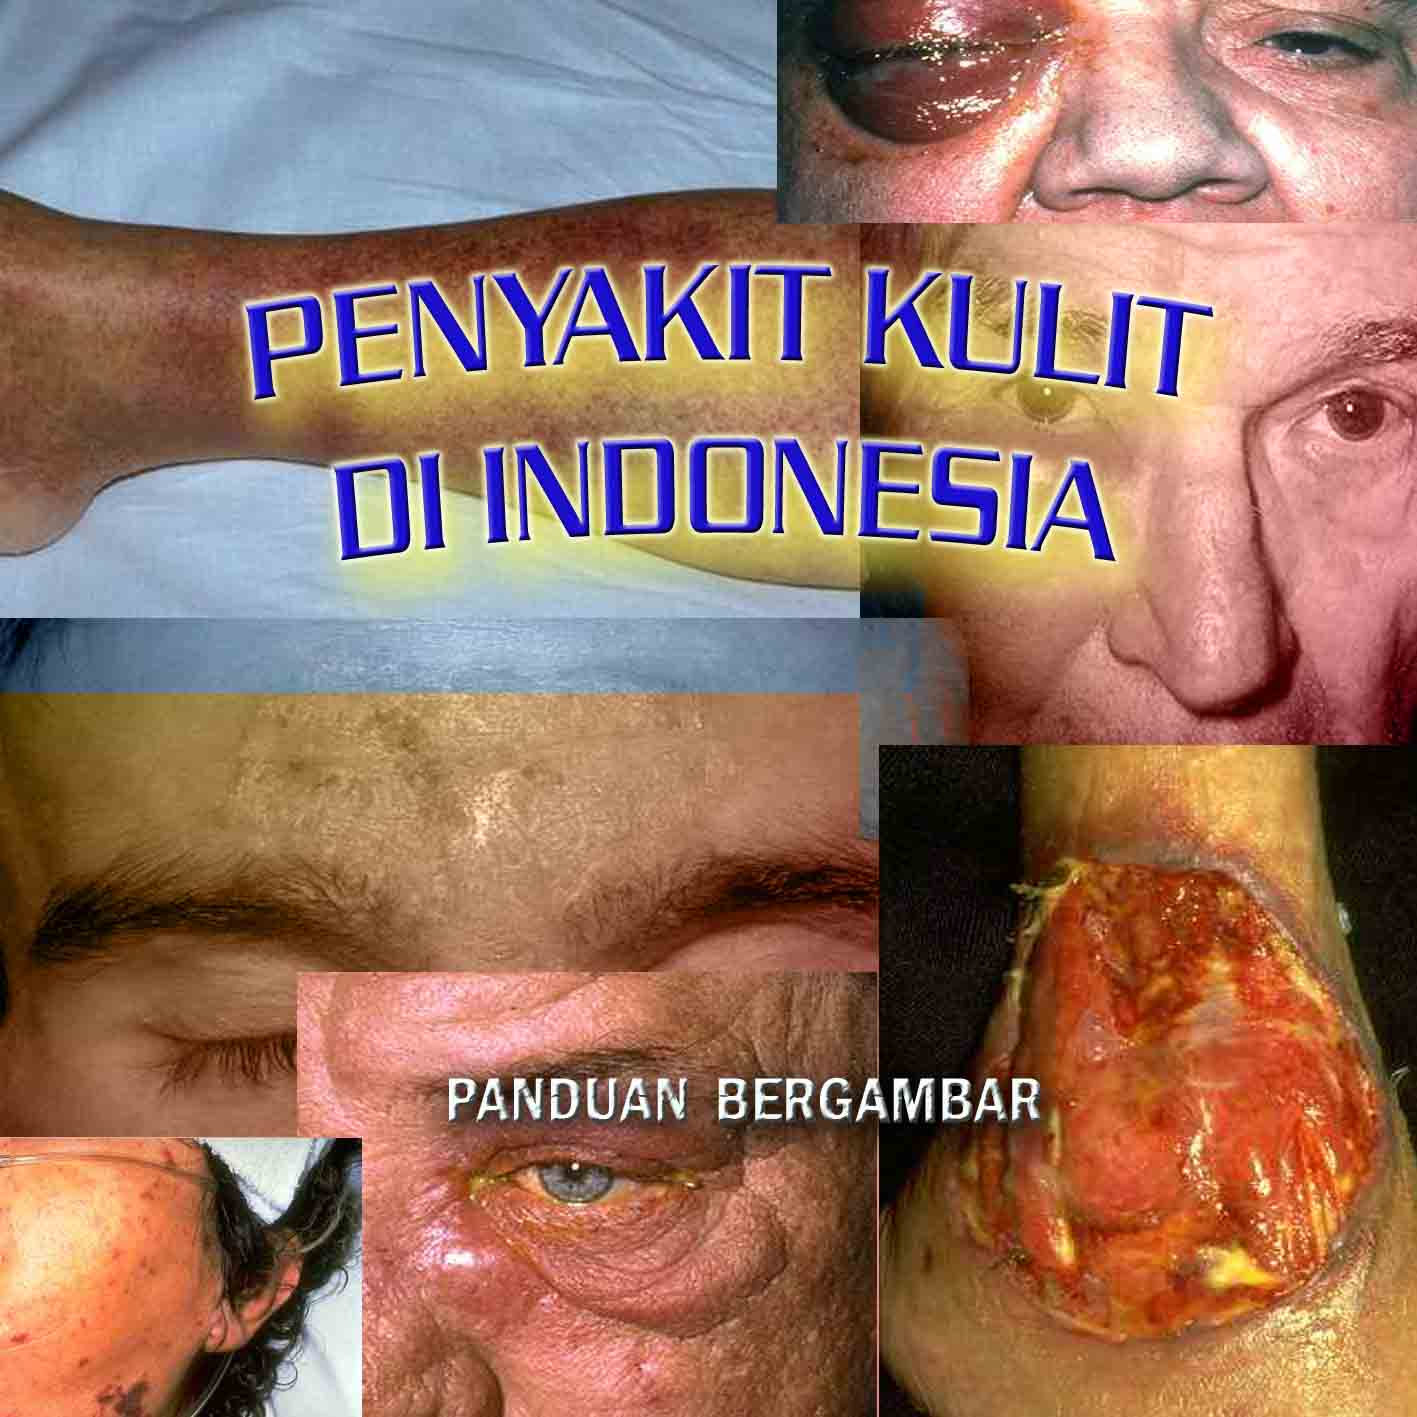 PENYAKIT KULIT DI INDONESIA